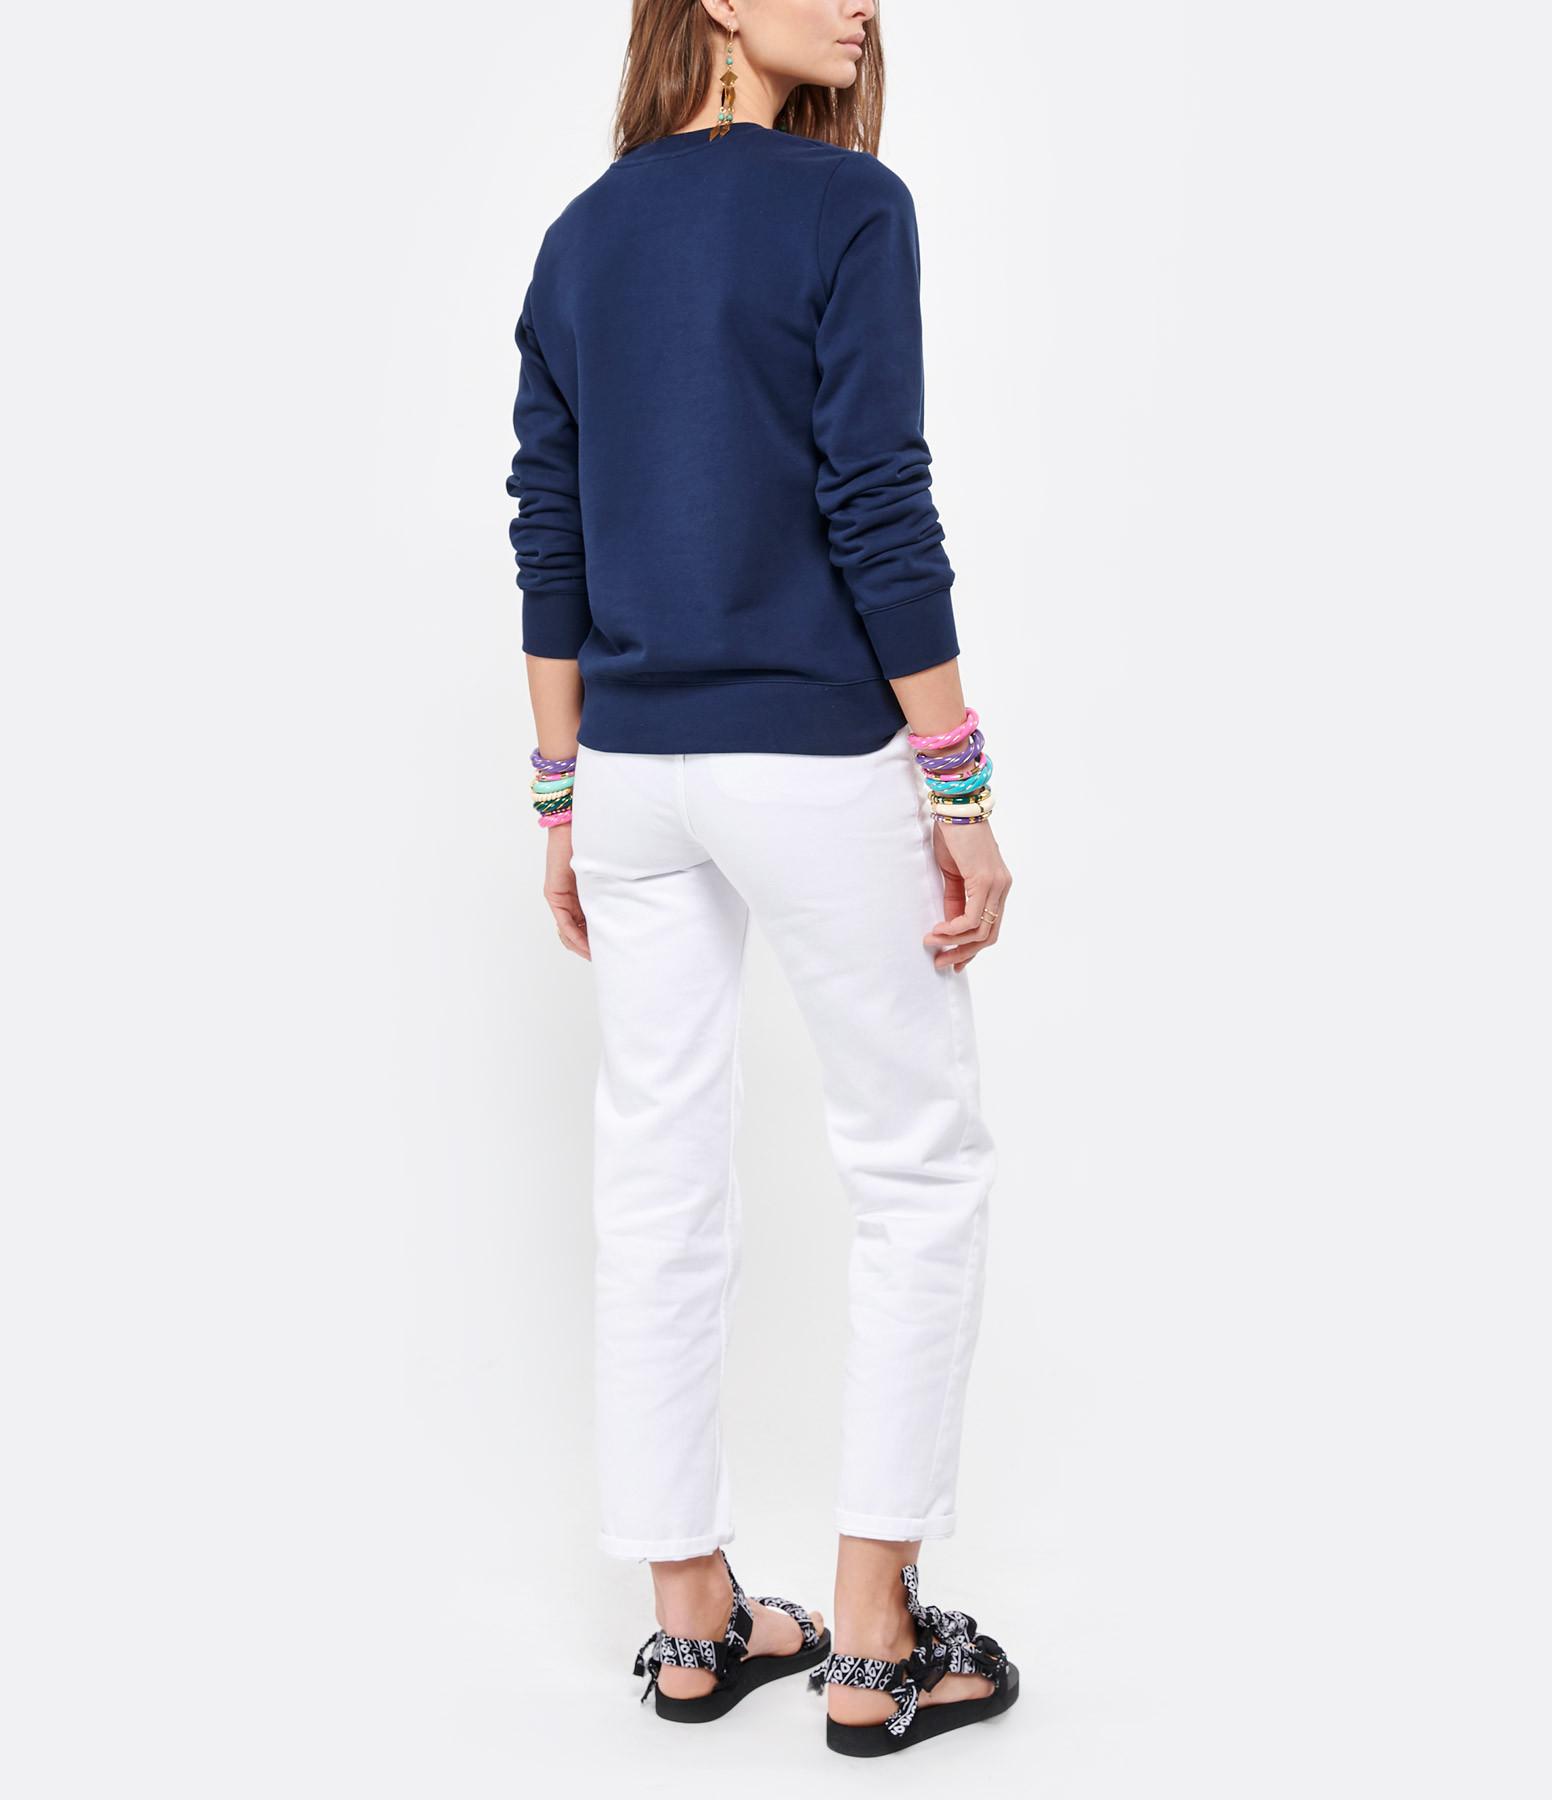 A.P.C. - Sweatshirt Tina Navy